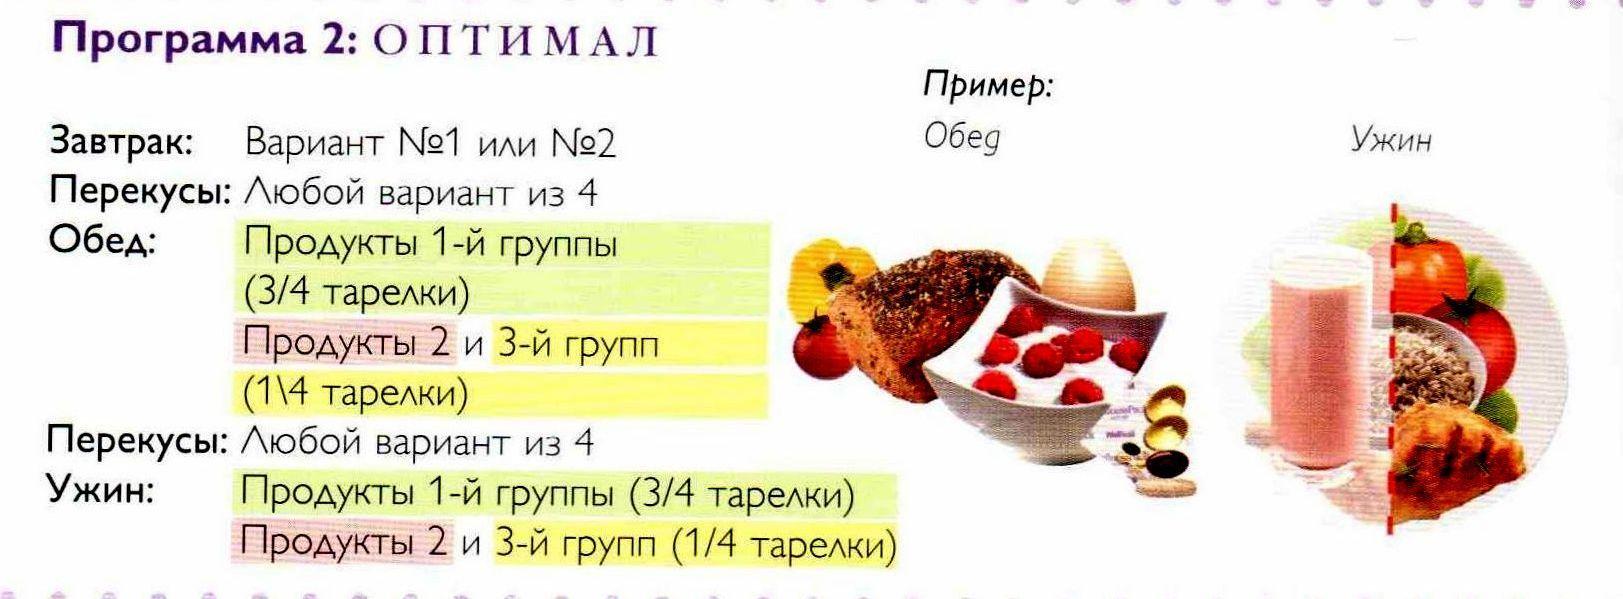 Примерный рацион питания для похудения